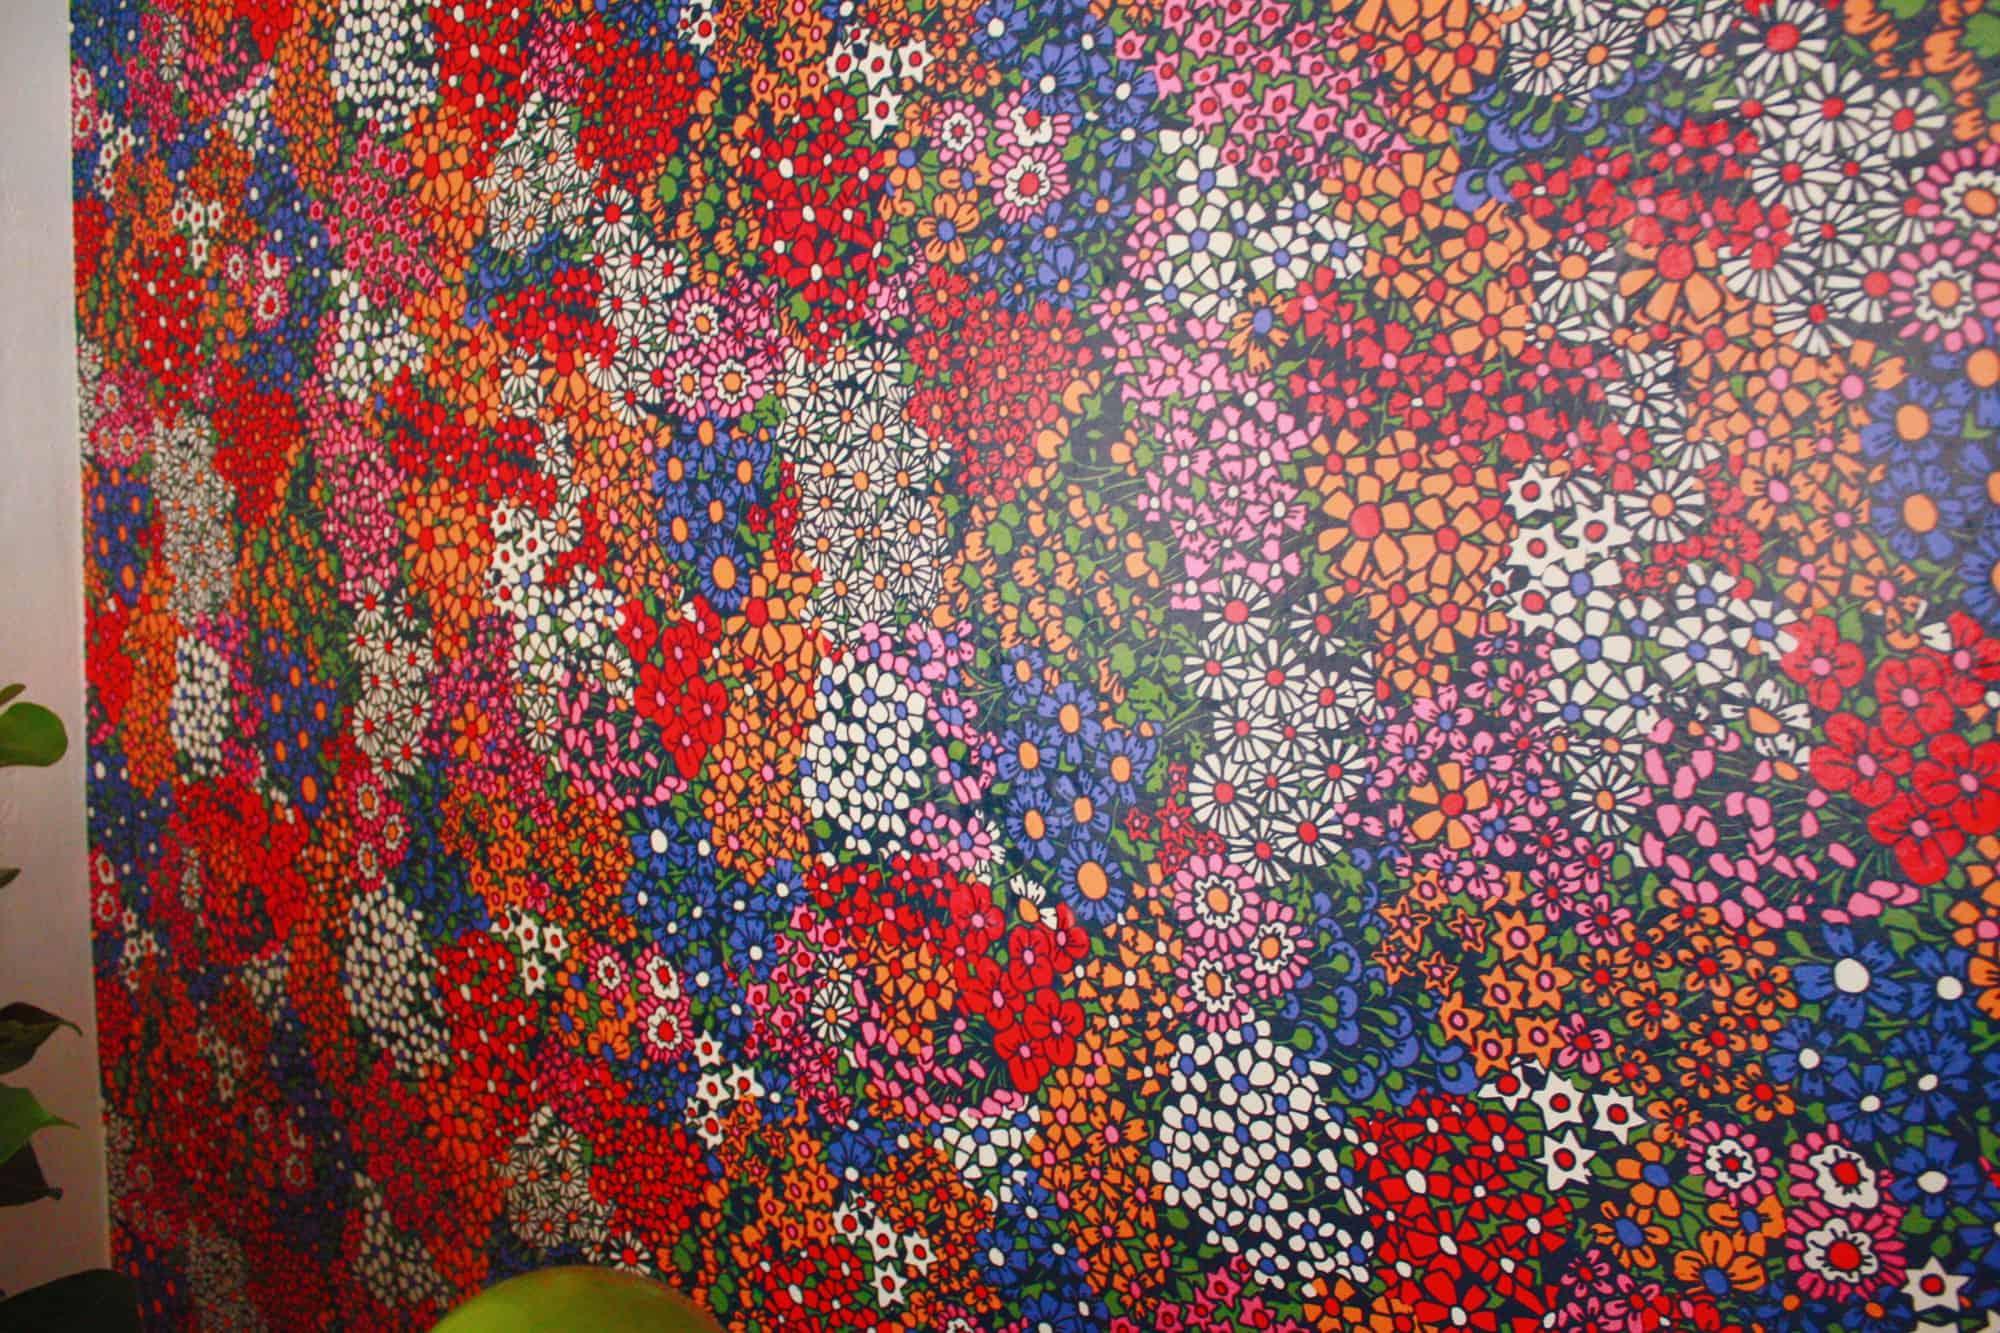 Wie man eine eigene Tapete aus einem Muster gestaltet, das man liebt